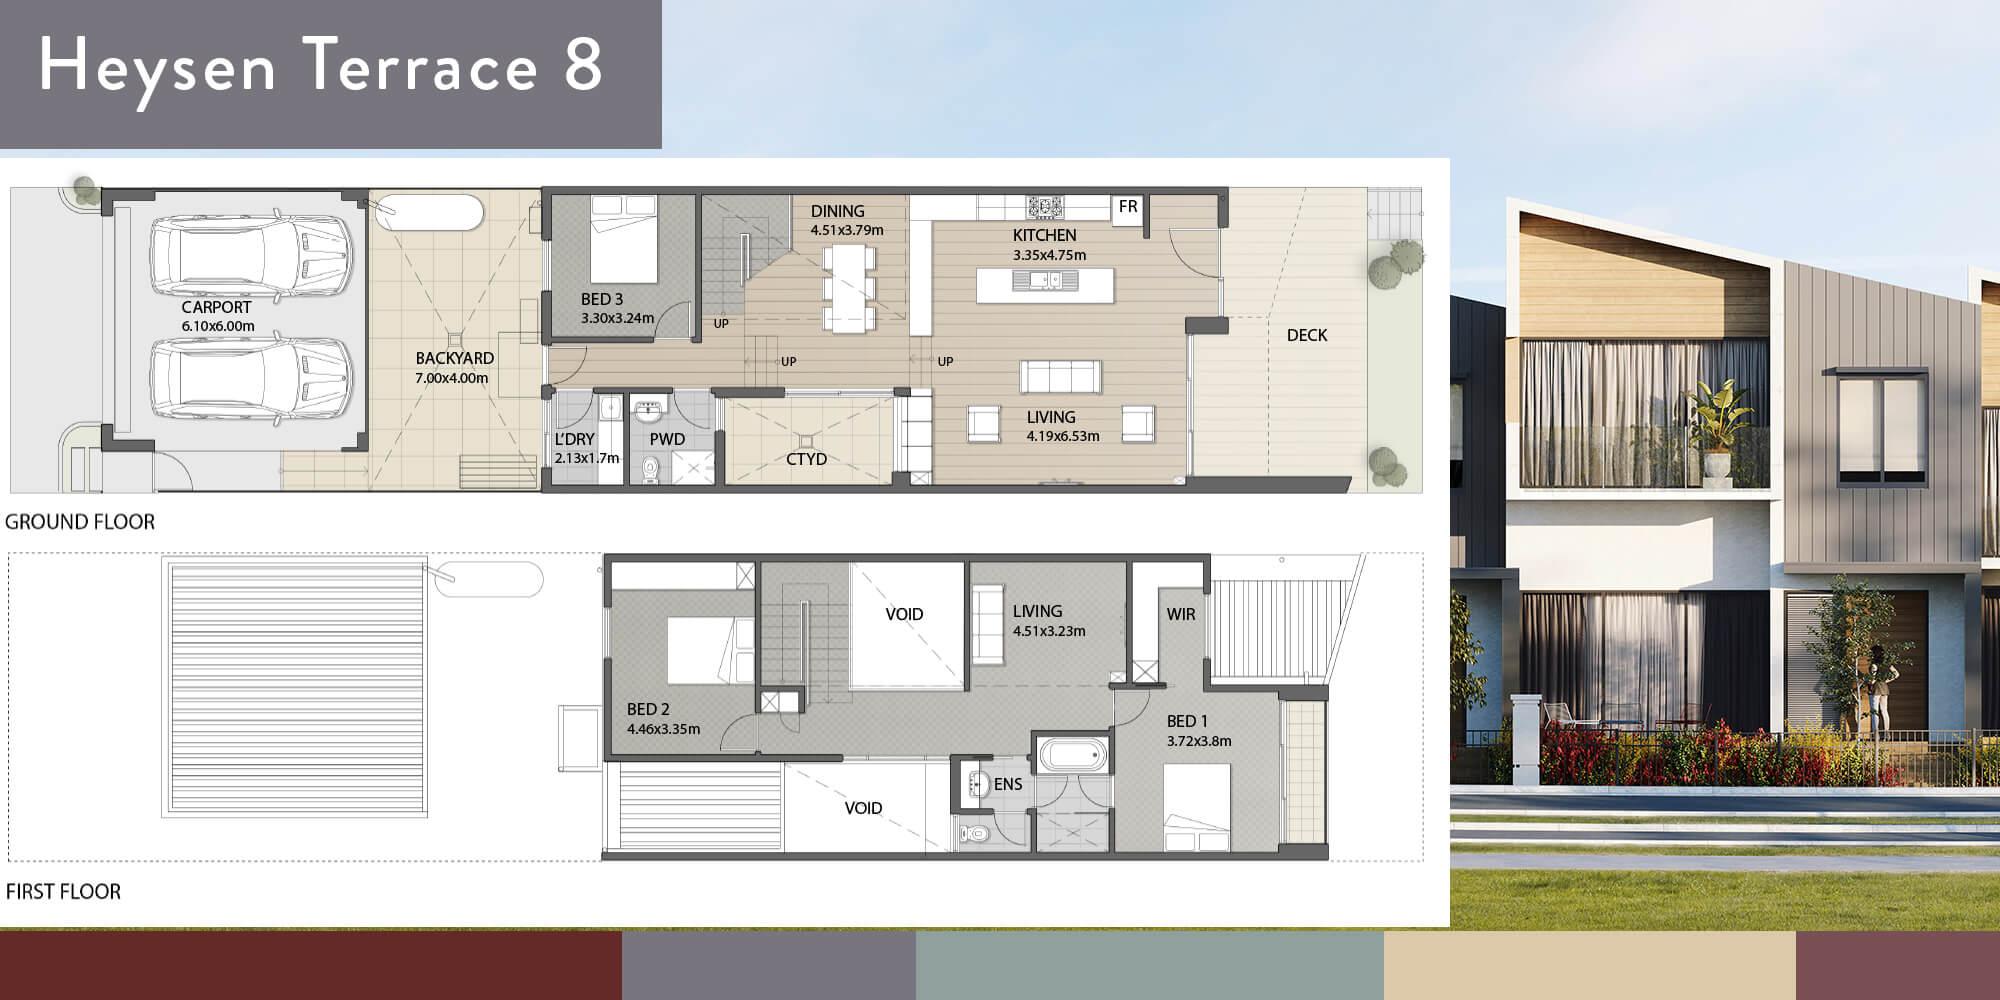 Heysen 8 Floorplan